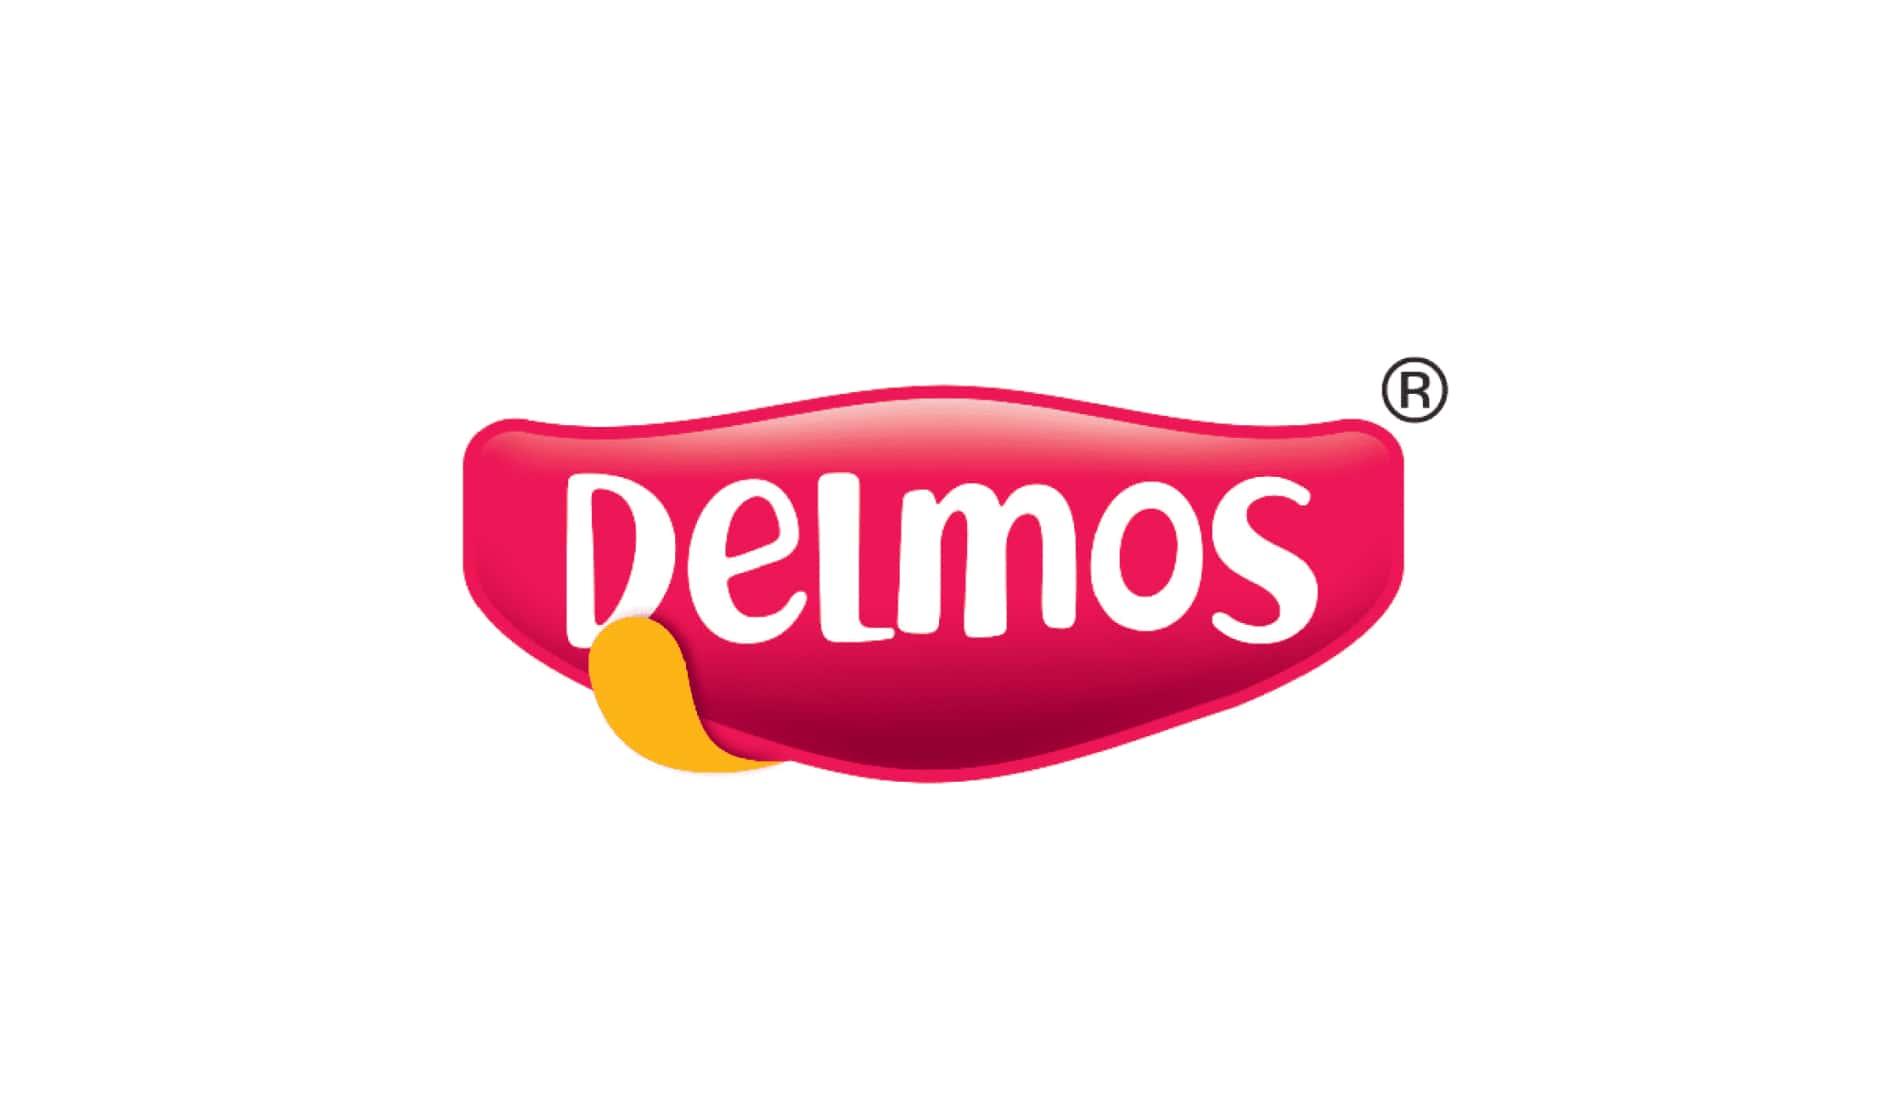 Delmos